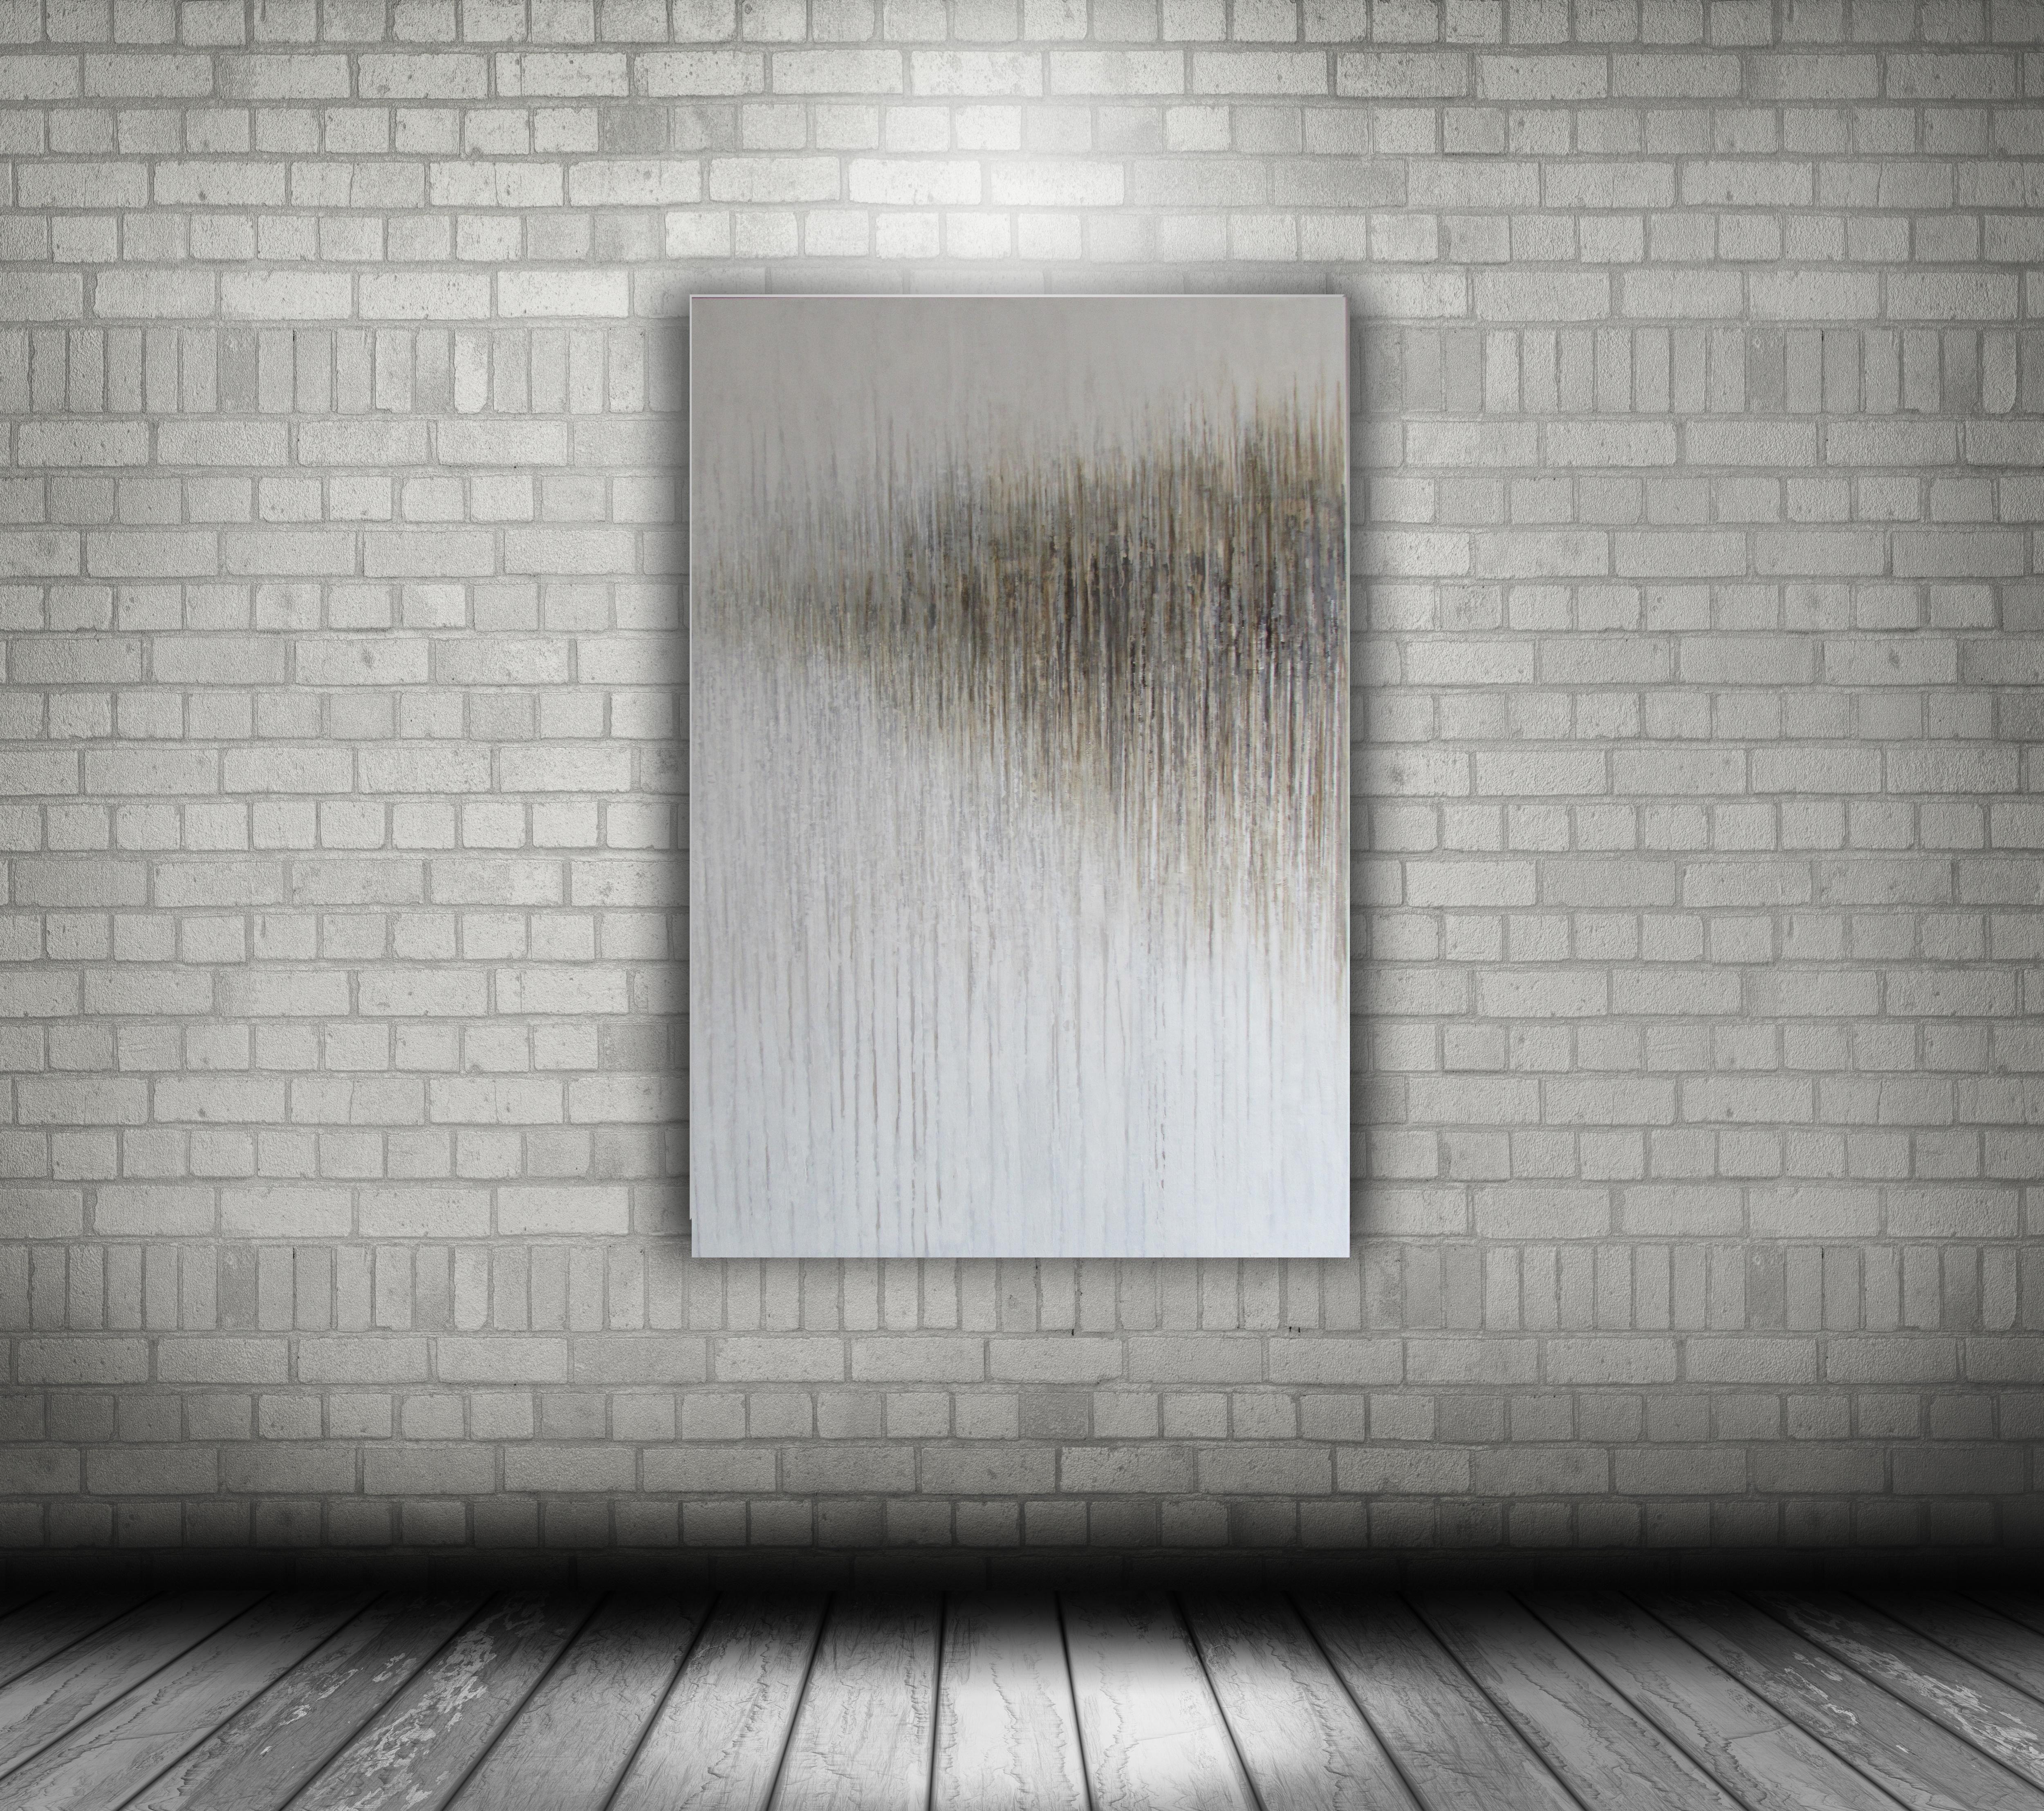 Obrazy Abstrakcyjne Do Salonu Obrazy Abstrakcyjne